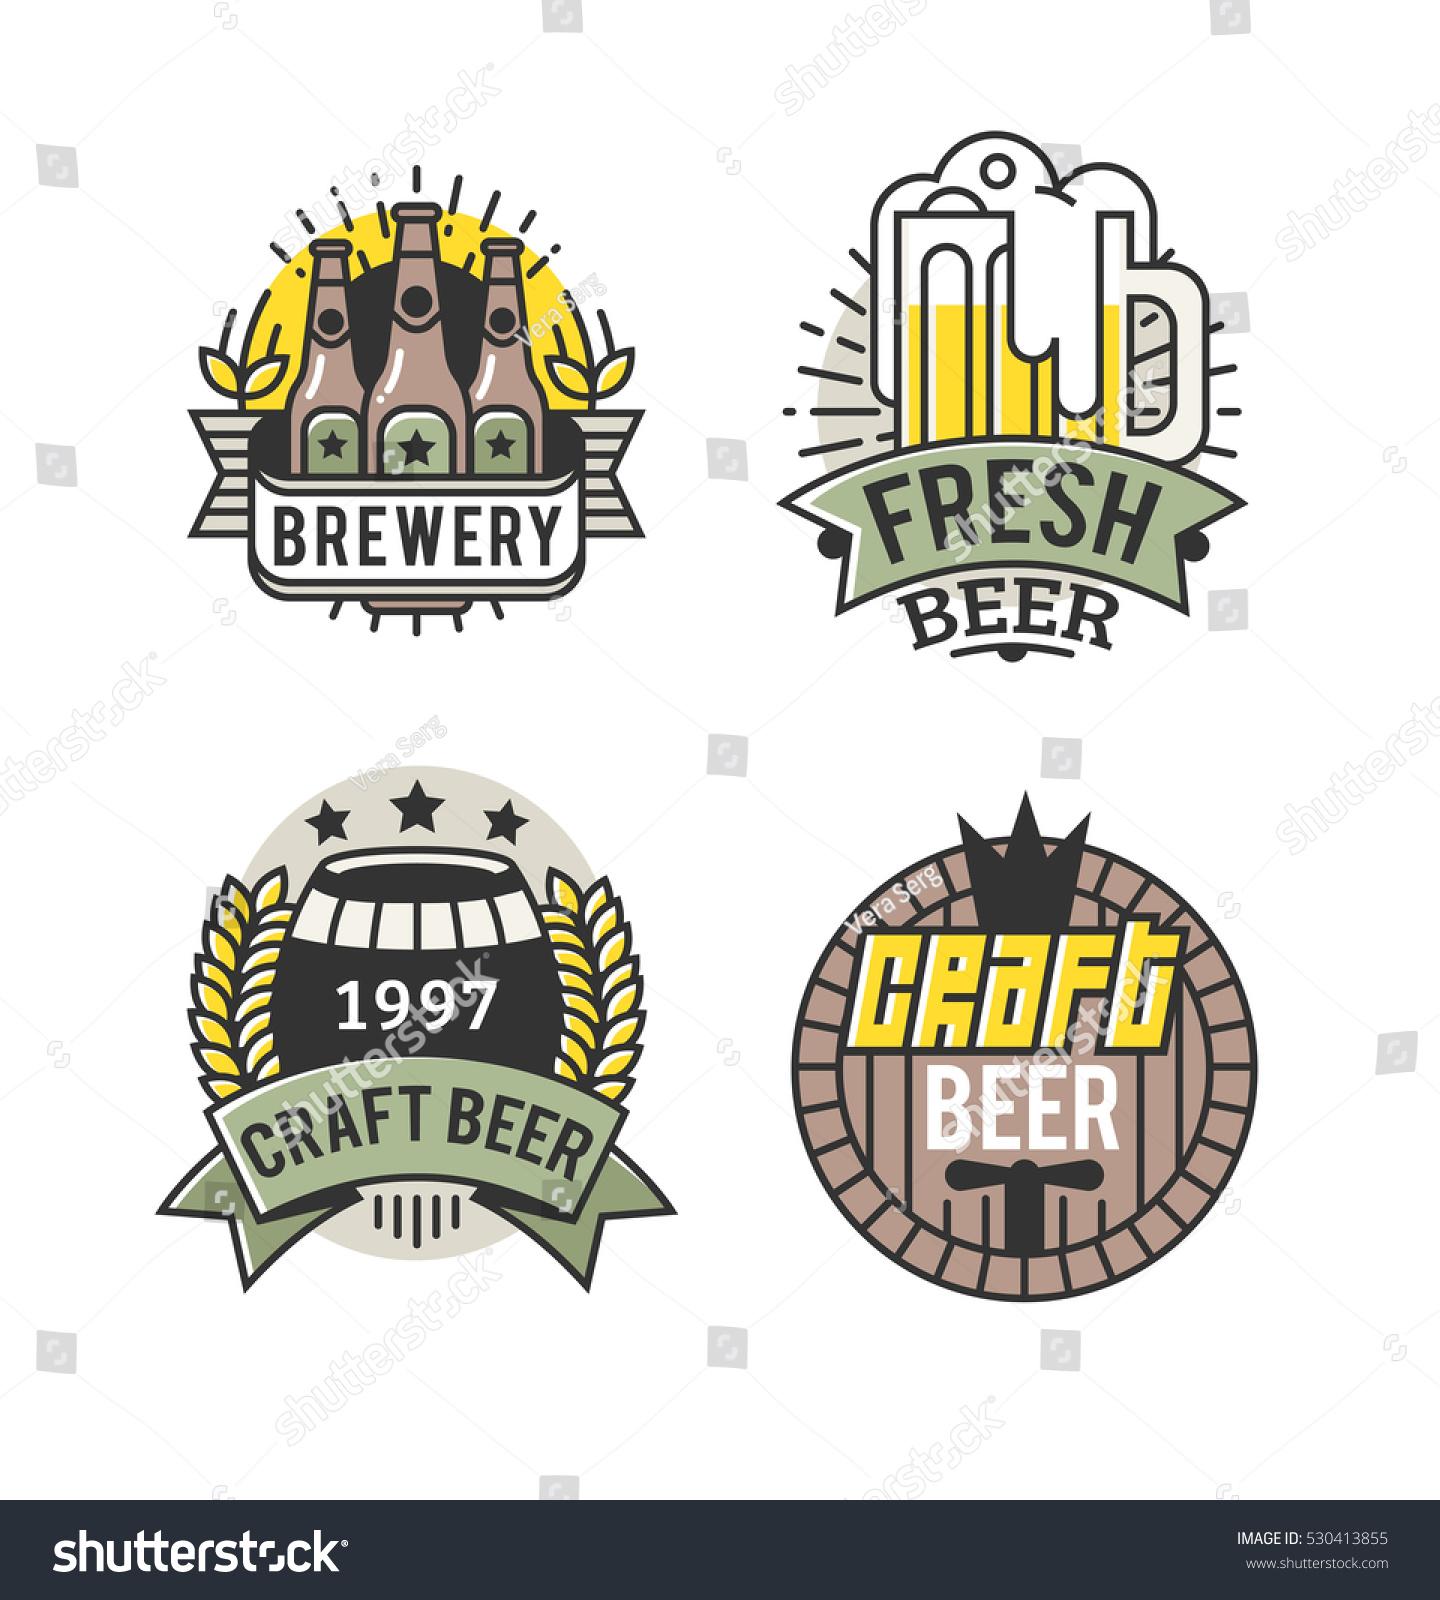 Vector Line Art Badge Craft Beer Stock Vector (Royalty Free) 530413855.